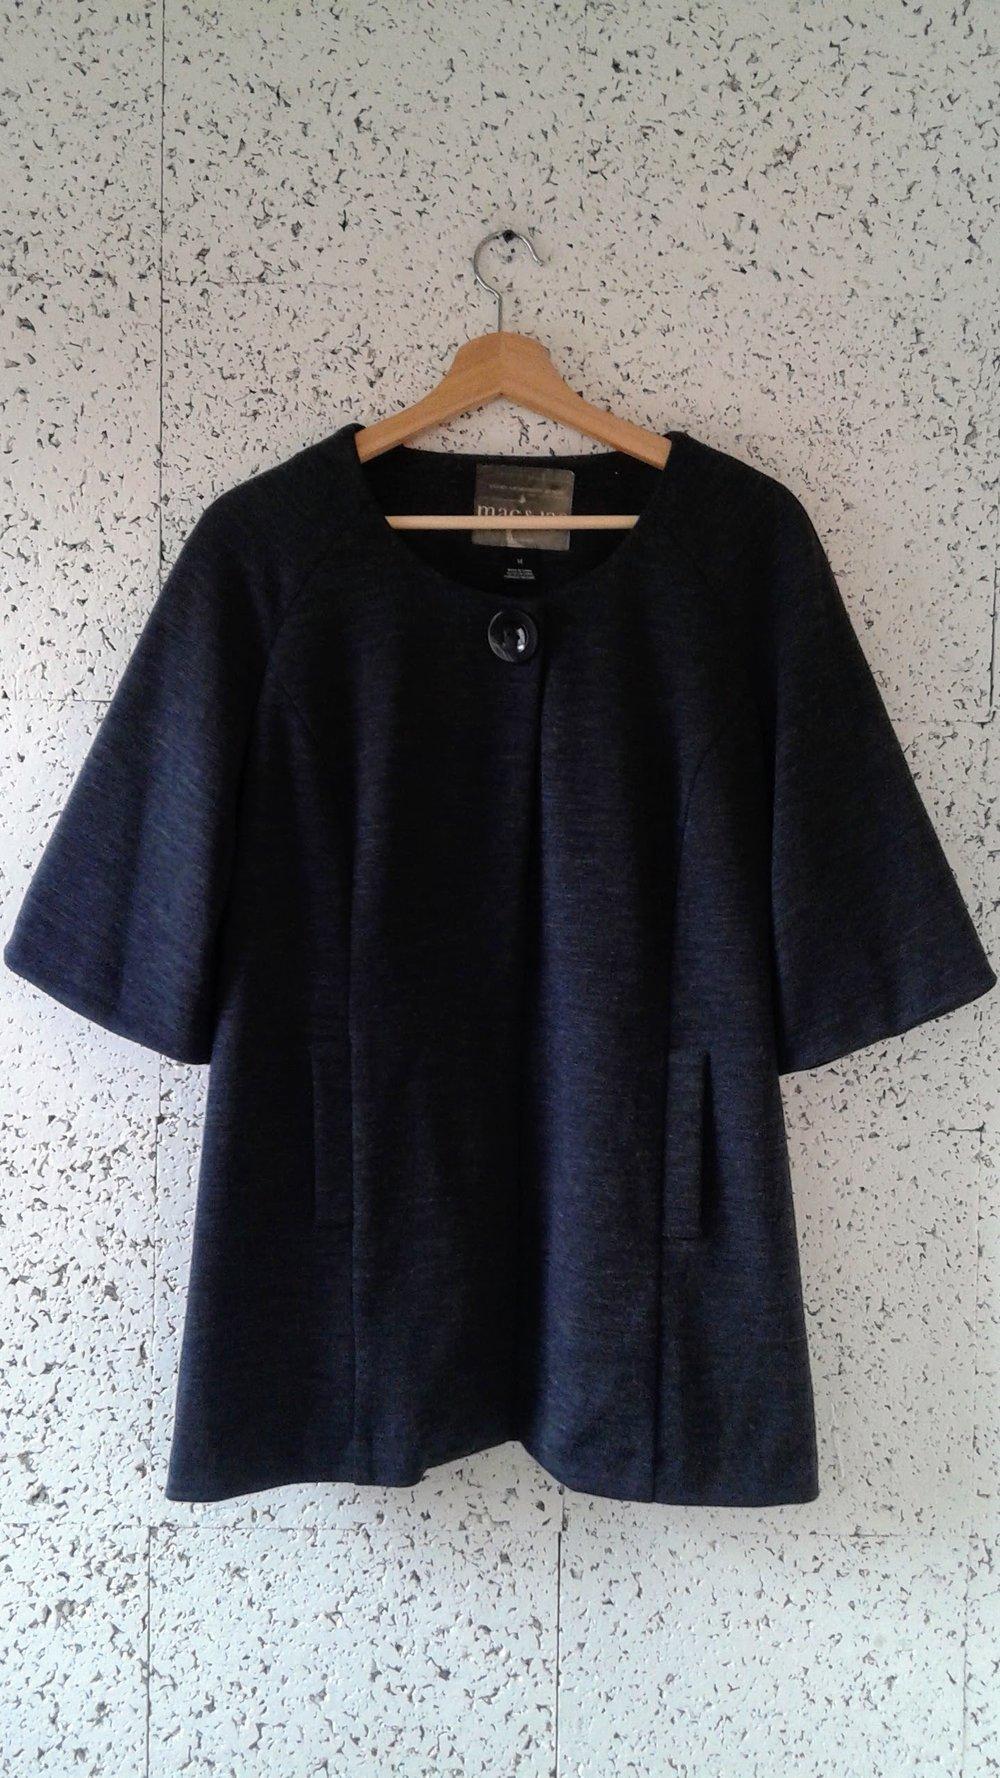 Mac &Jac coat; Size 14, $34